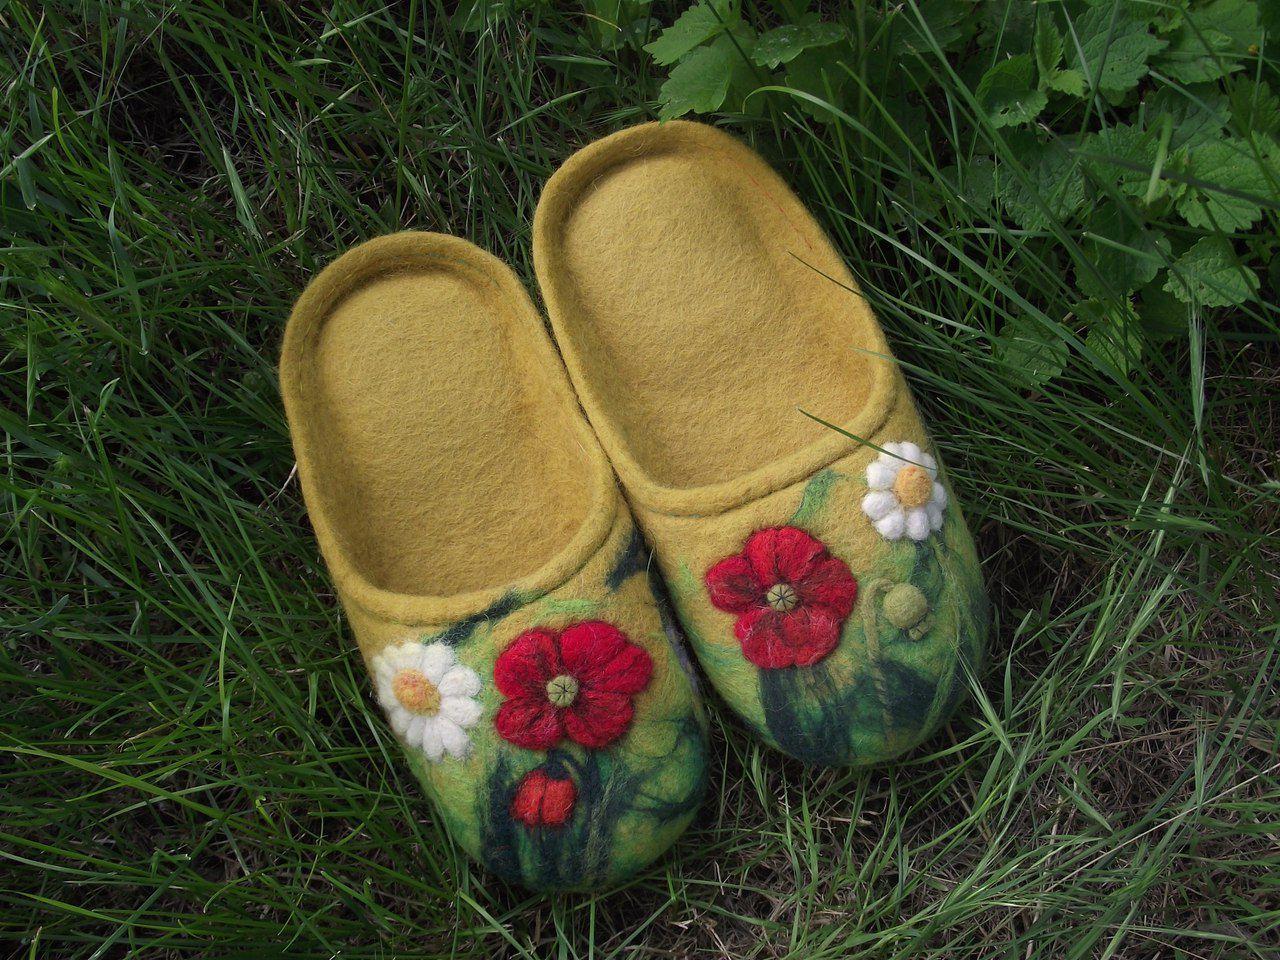 тапочки эко валяная тепло шерсть обувь